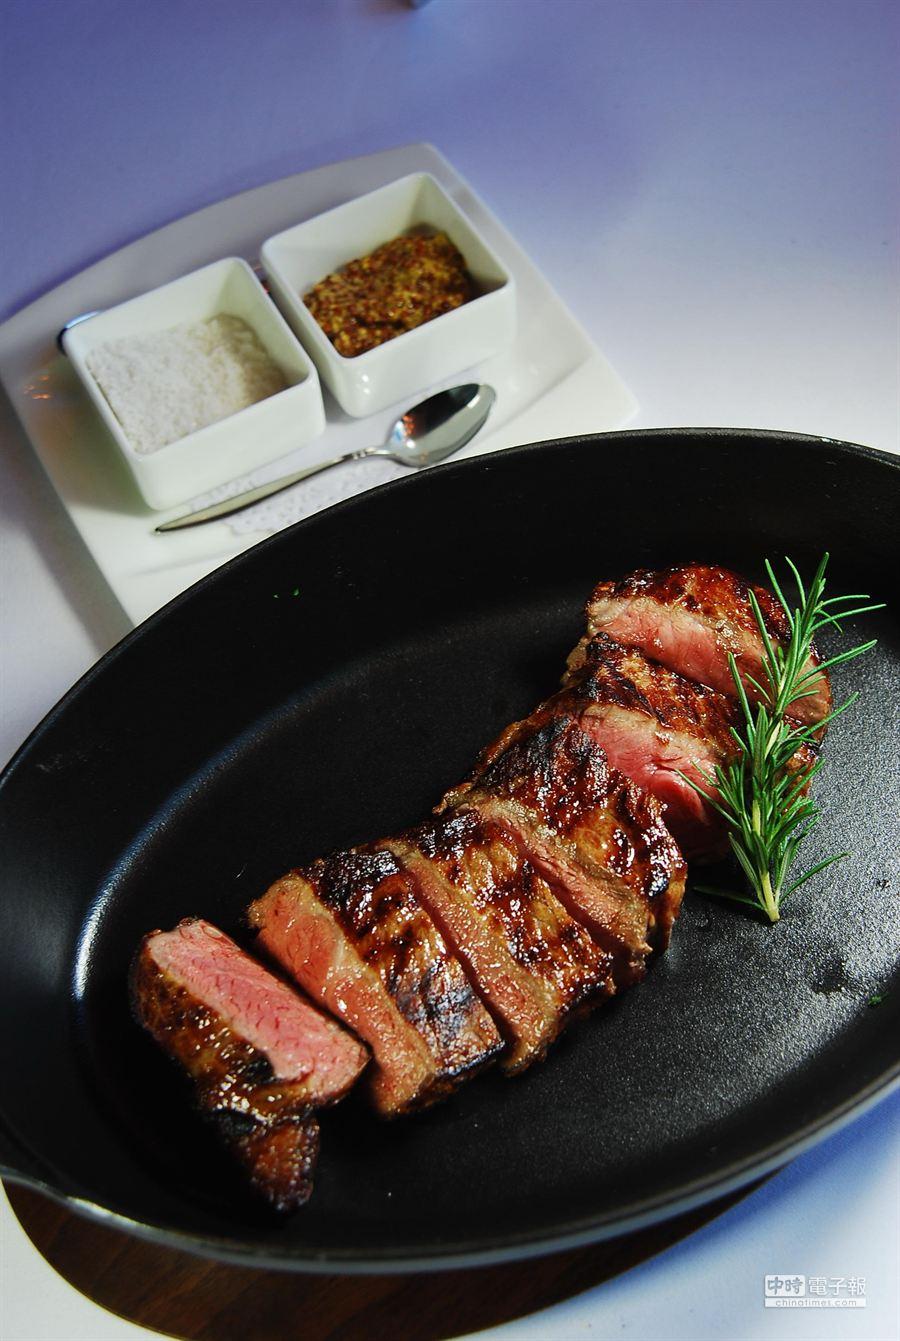 隨著MEATGQ開幕,台中食家饕客可以享受用鋳鐵鍋盛裝的高檔牛排。(姚舜攝)